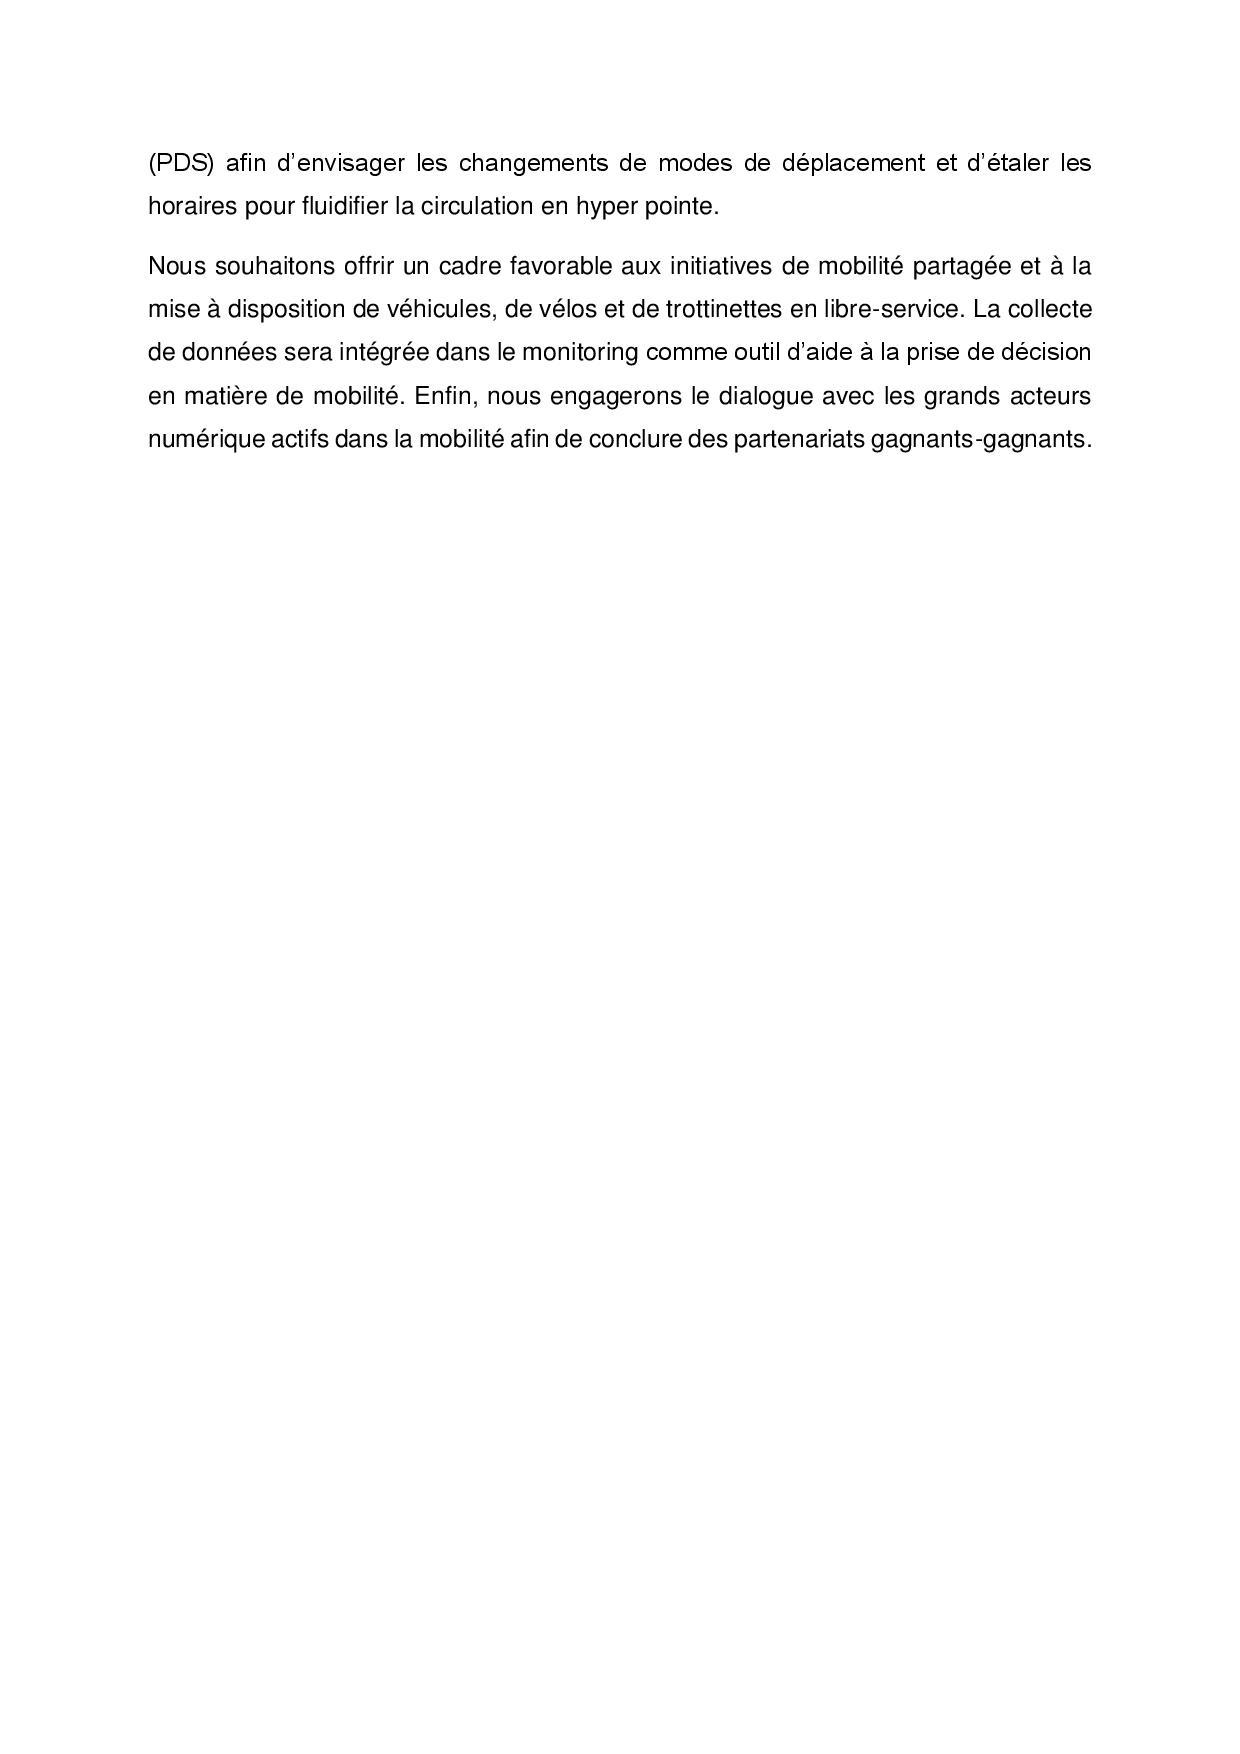 Mobilité (page 07)